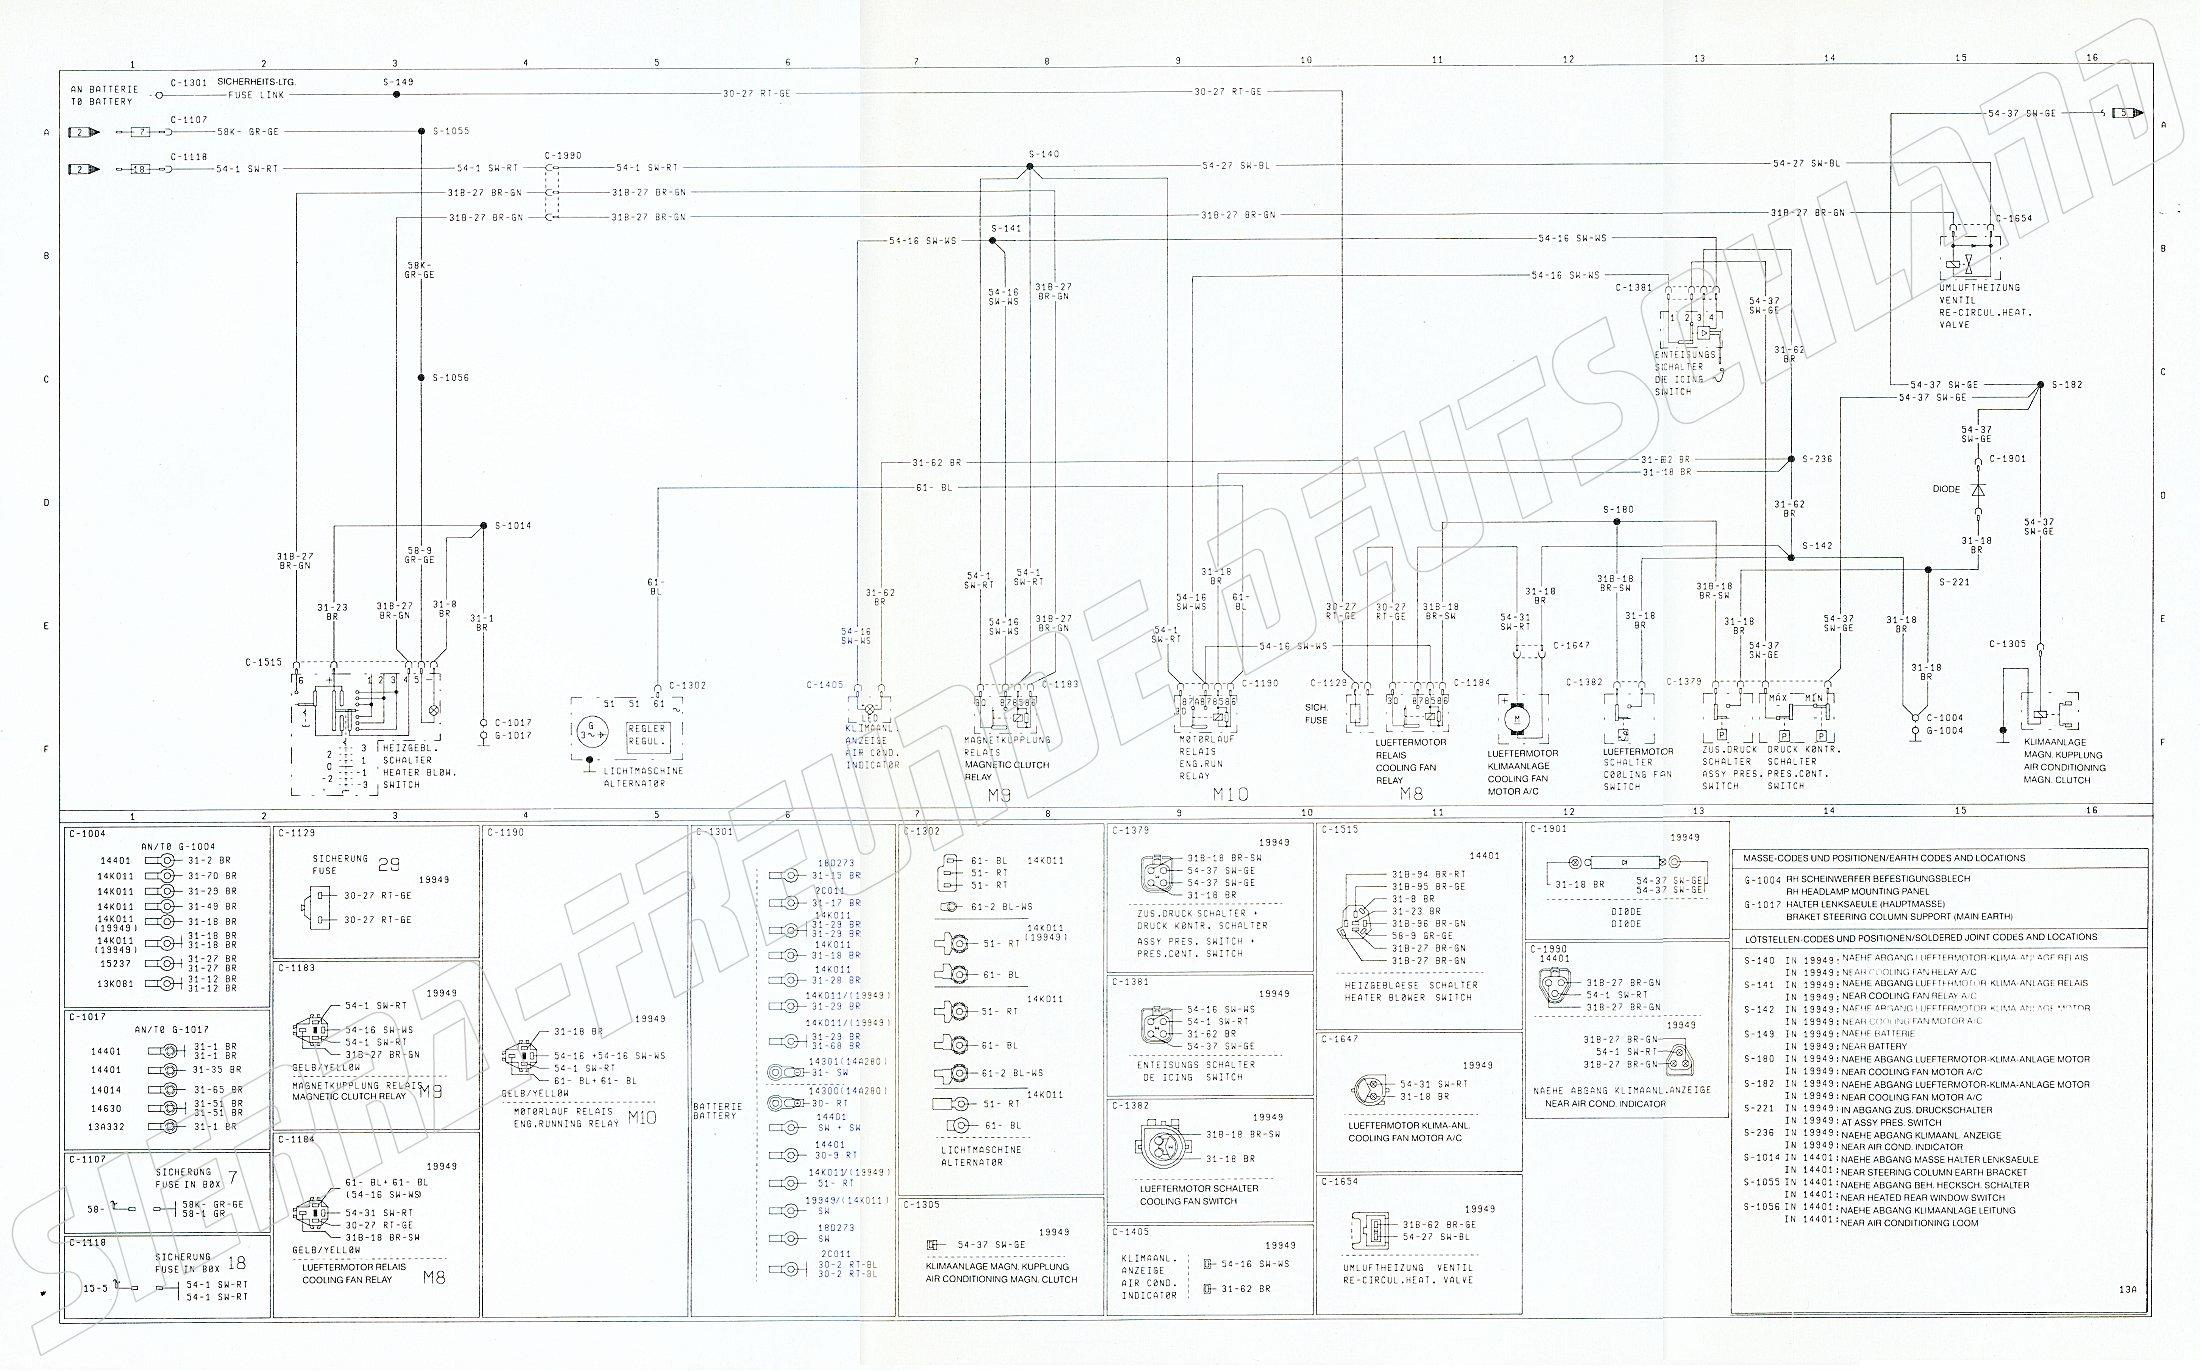 Großzügig Ford Galaxie Schaltplan Zeitgenössisch - Der Schaltplan ...